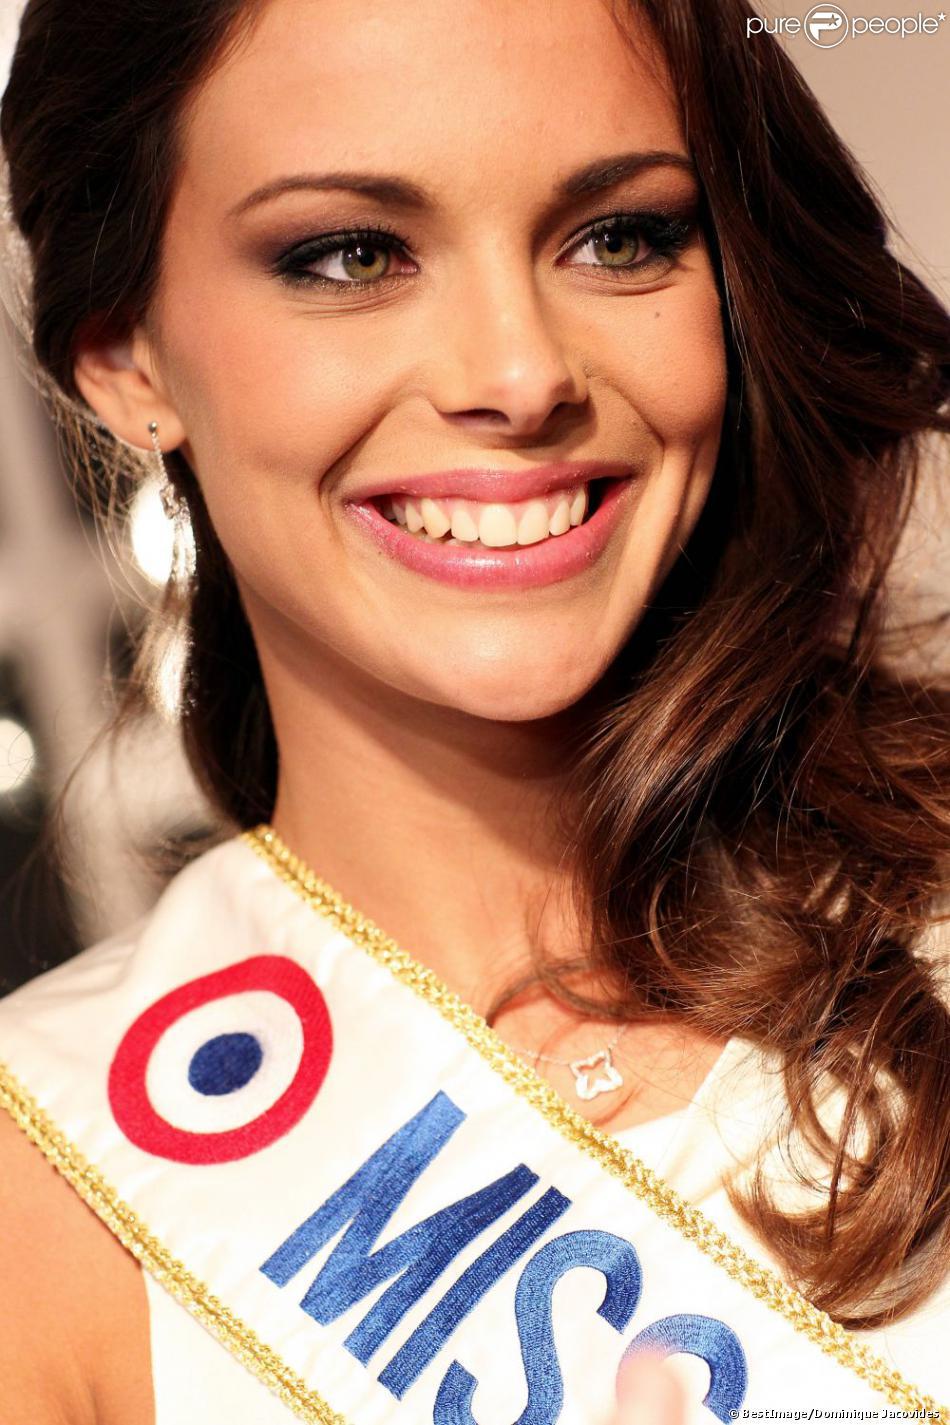 La ravissante Marine Lorphelin, Miss France 2013, à Paris le 10 decembre 2012 pour la 17ème edition des sapins de Noël des créateurs à l'hôtel Salomon de Rothschild